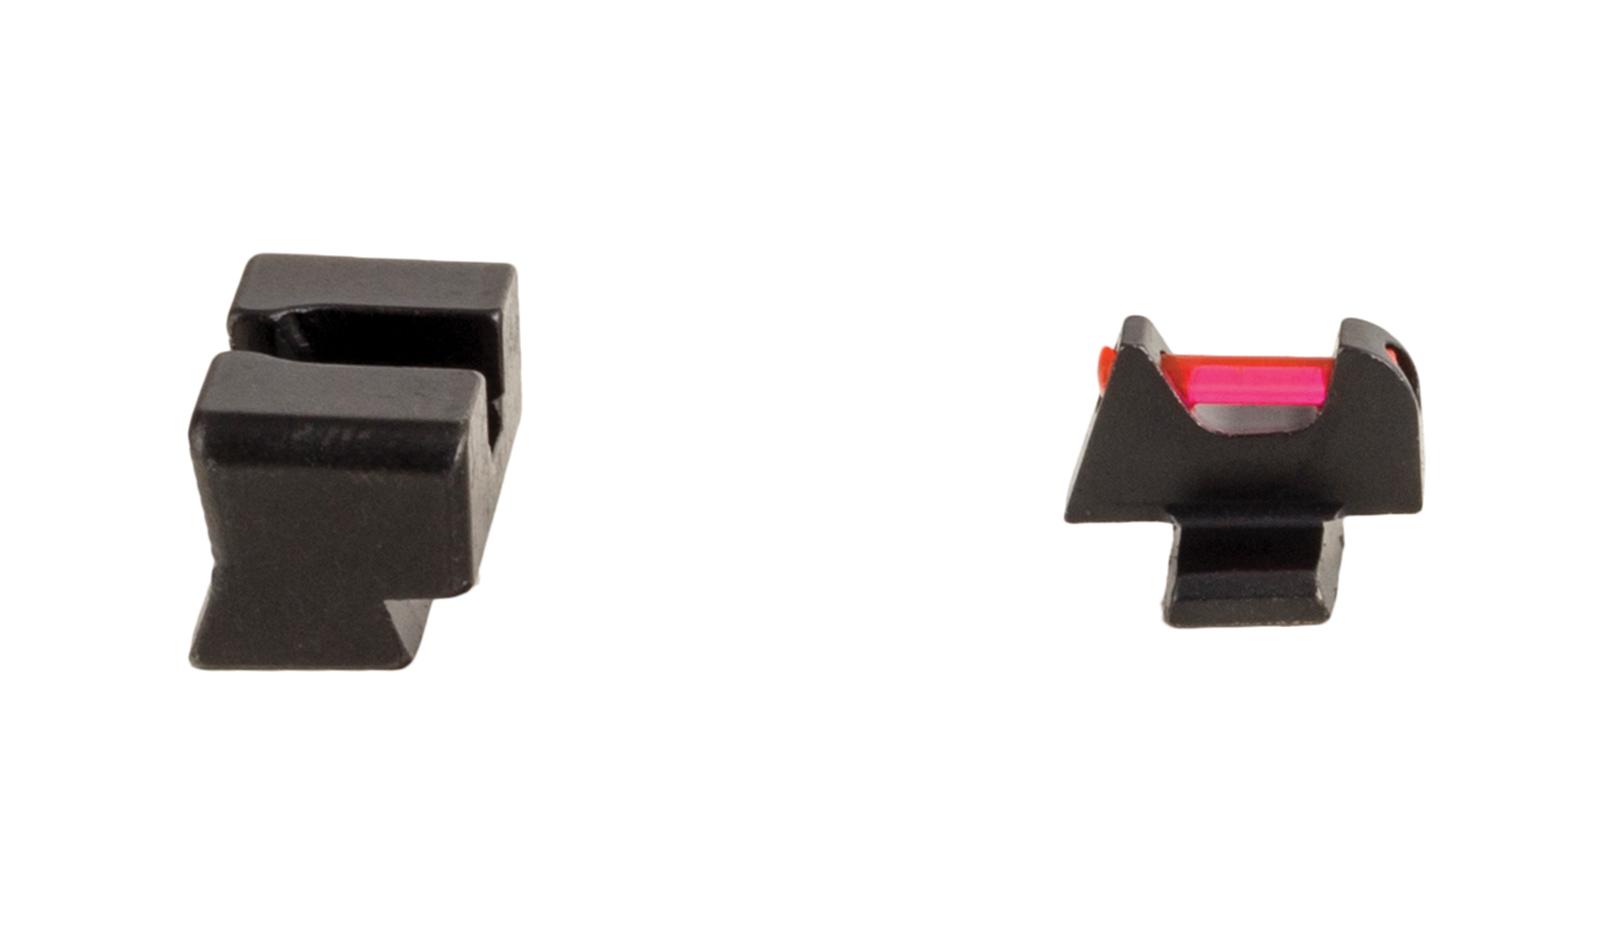 SP702-C-601062 angle 2